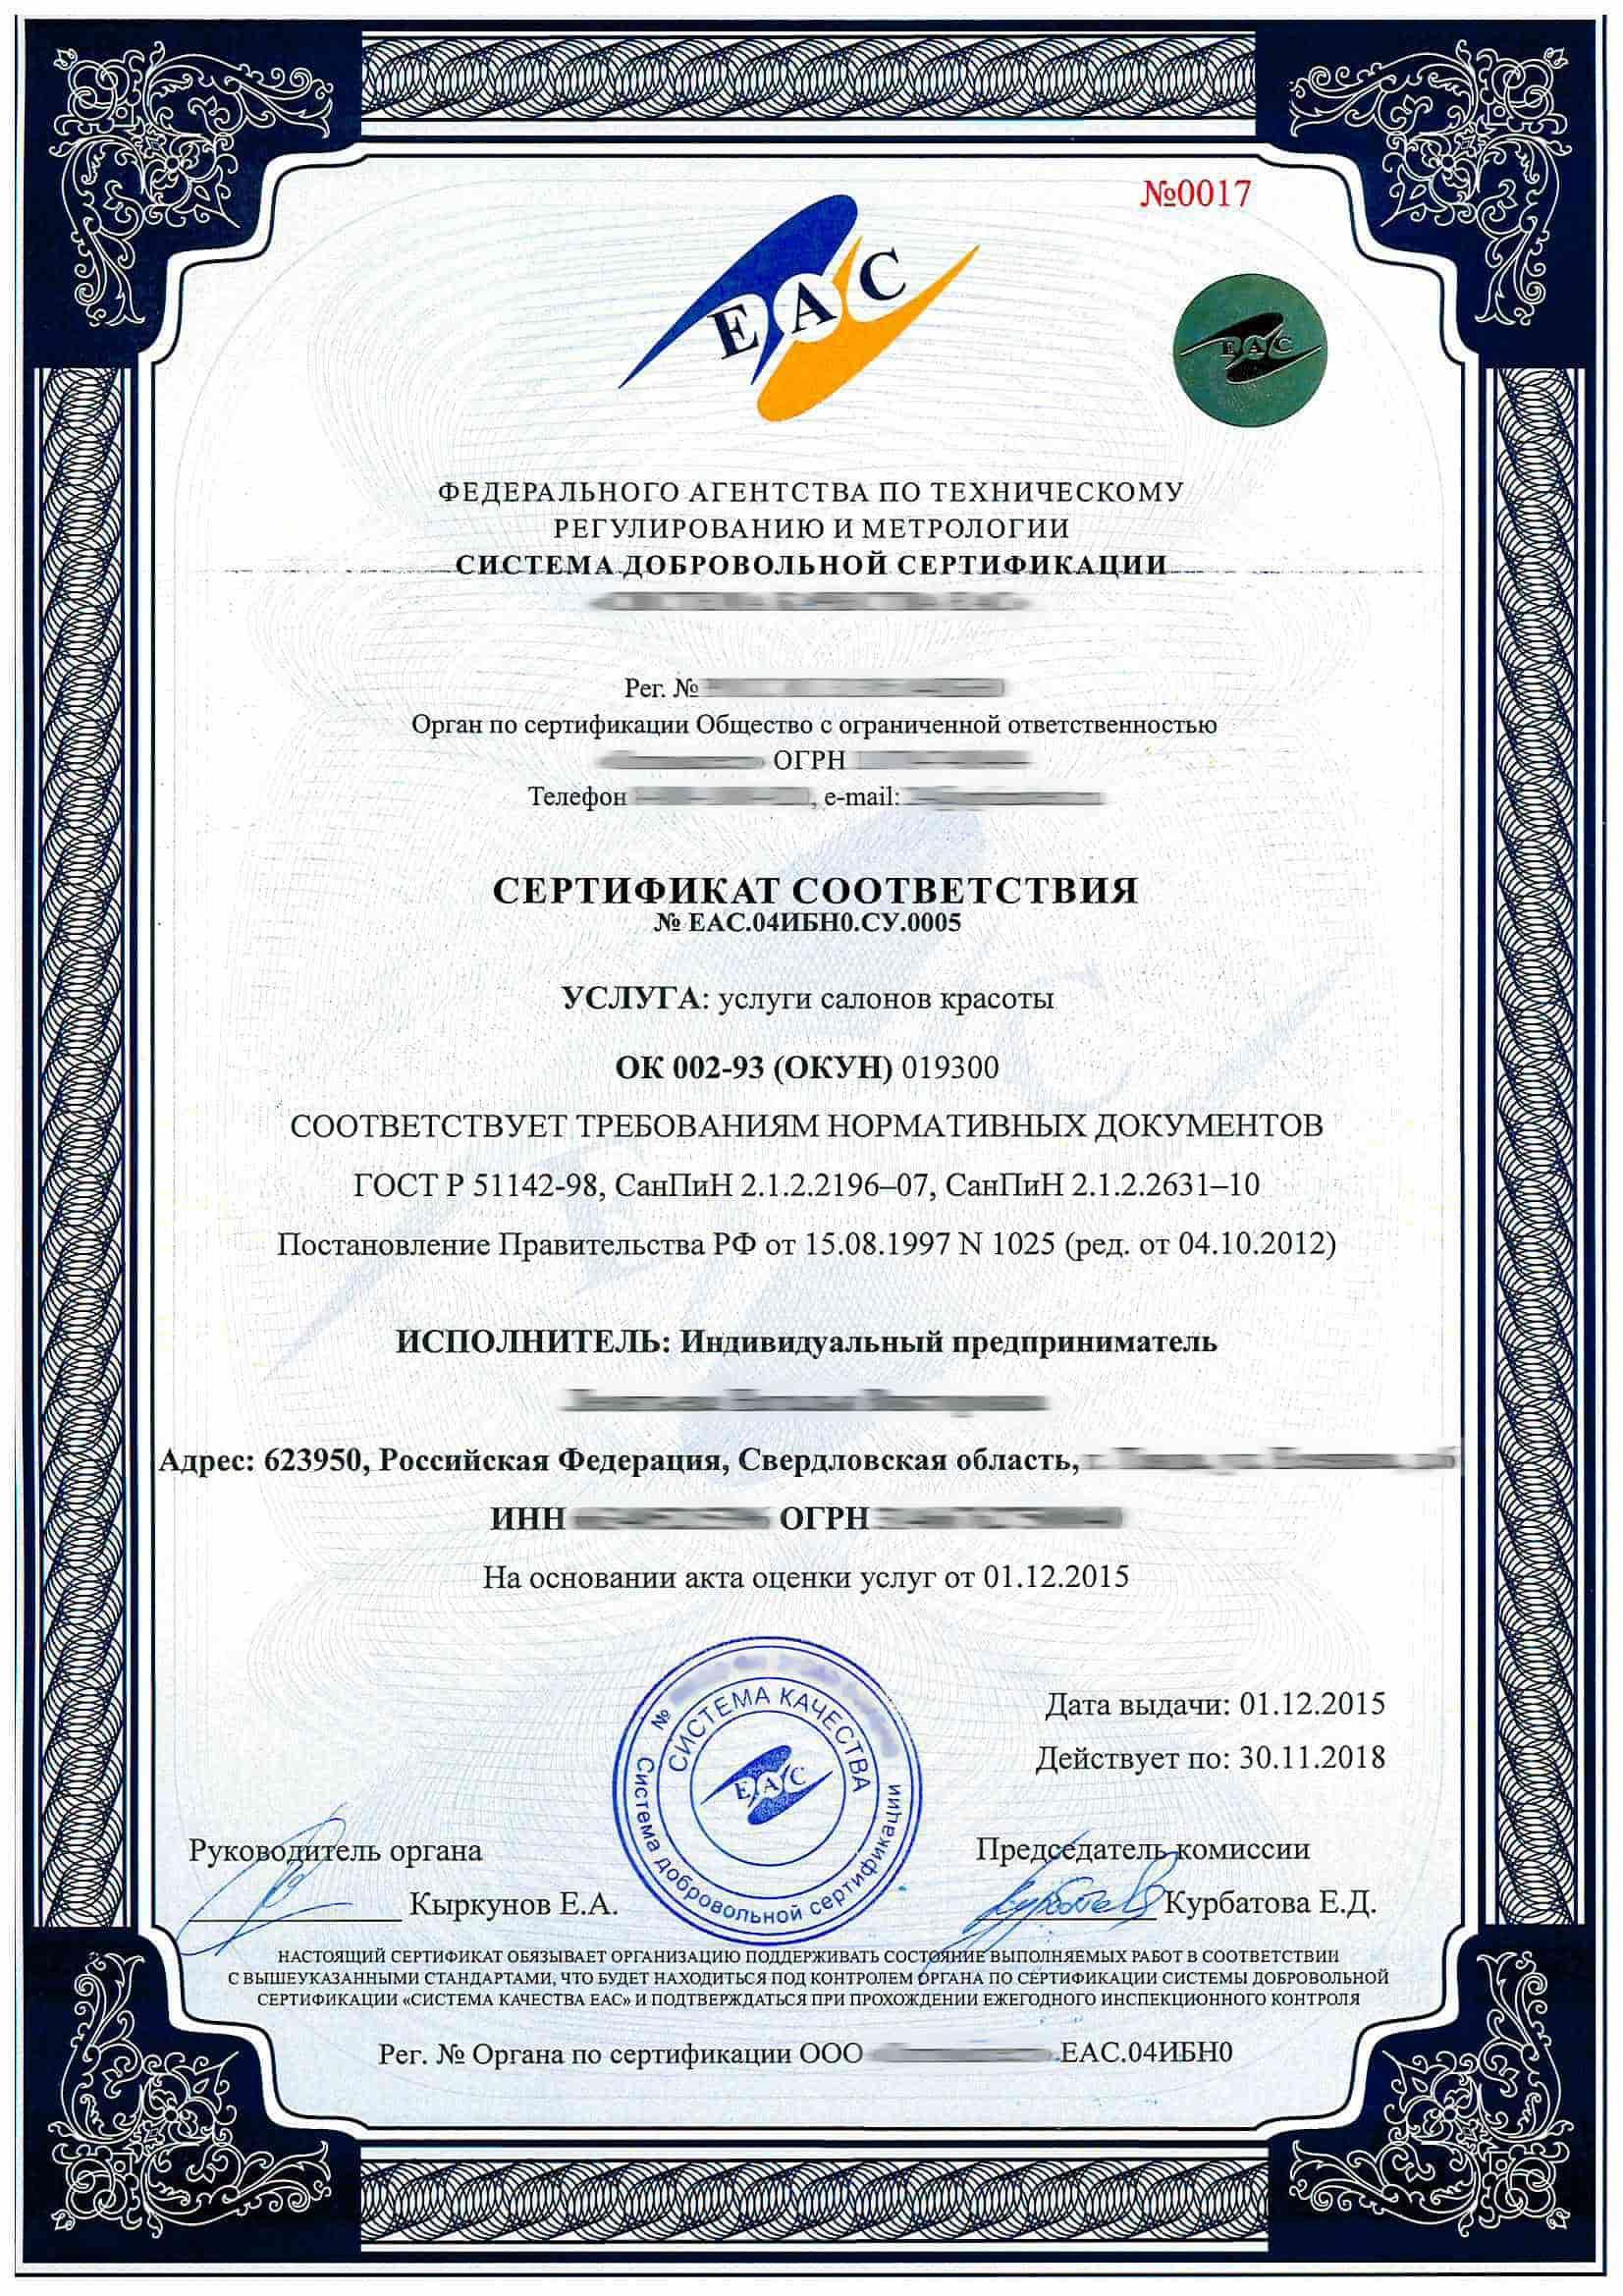 Сертификат на услуги в добровольной системе сертификации